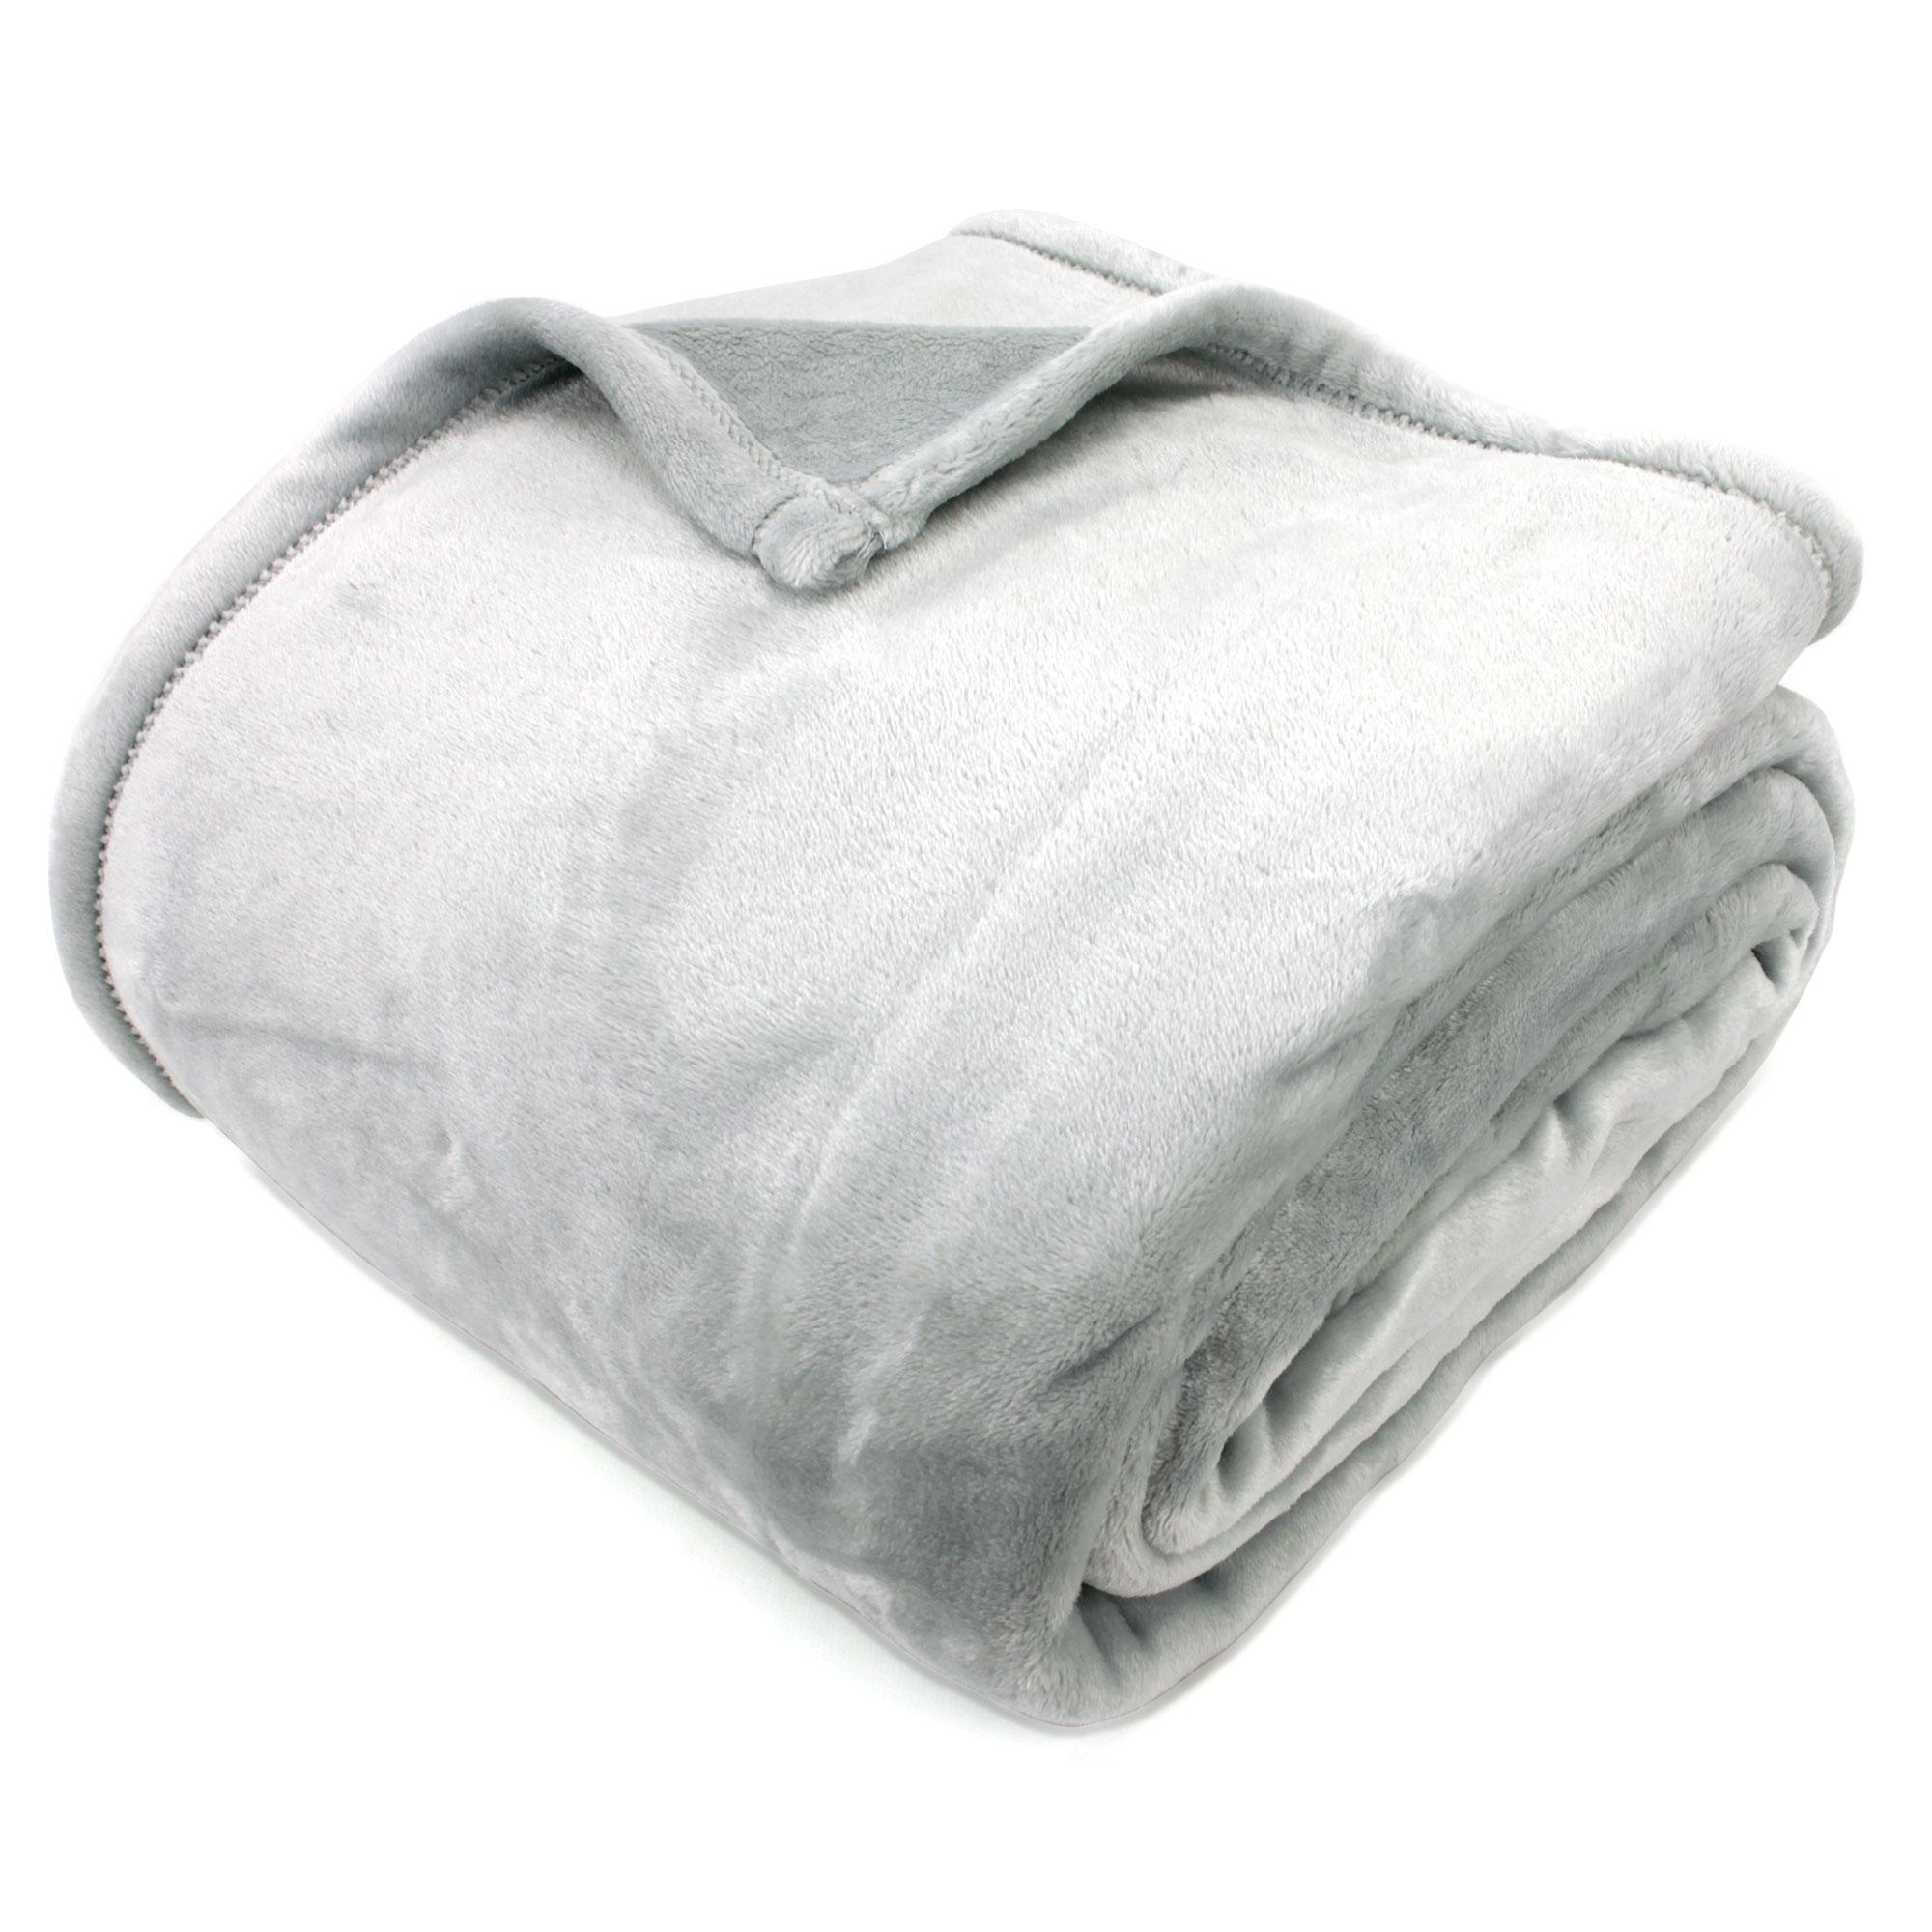 couverture microfibre 220x240 cm velvet perle linnea vente de linge de maison. Black Bedroom Furniture Sets. Home Design Ideas